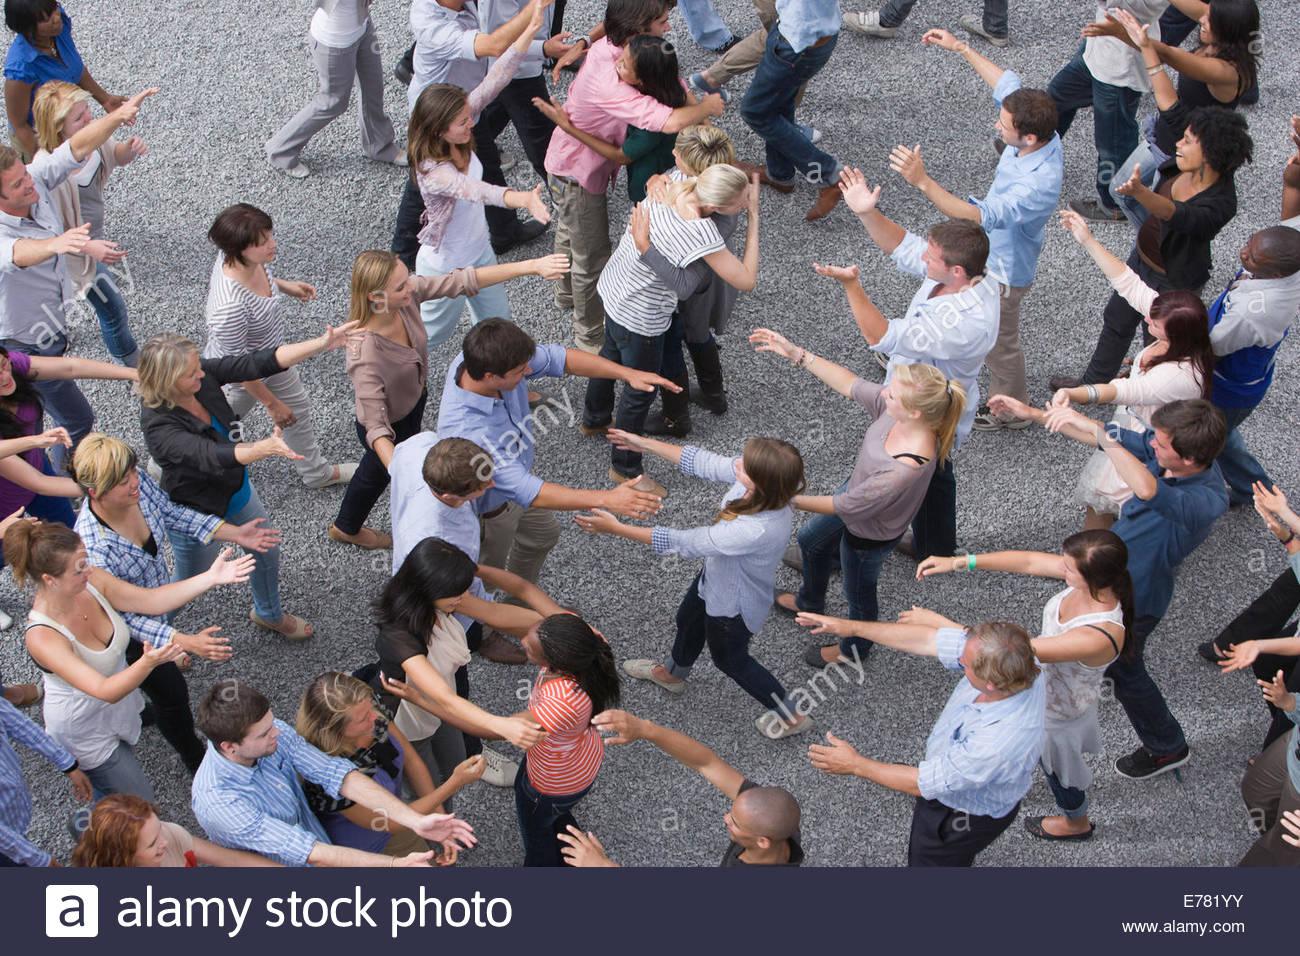 Les gens d'armes s'étendant à l'autre dans la foule Photo Stock